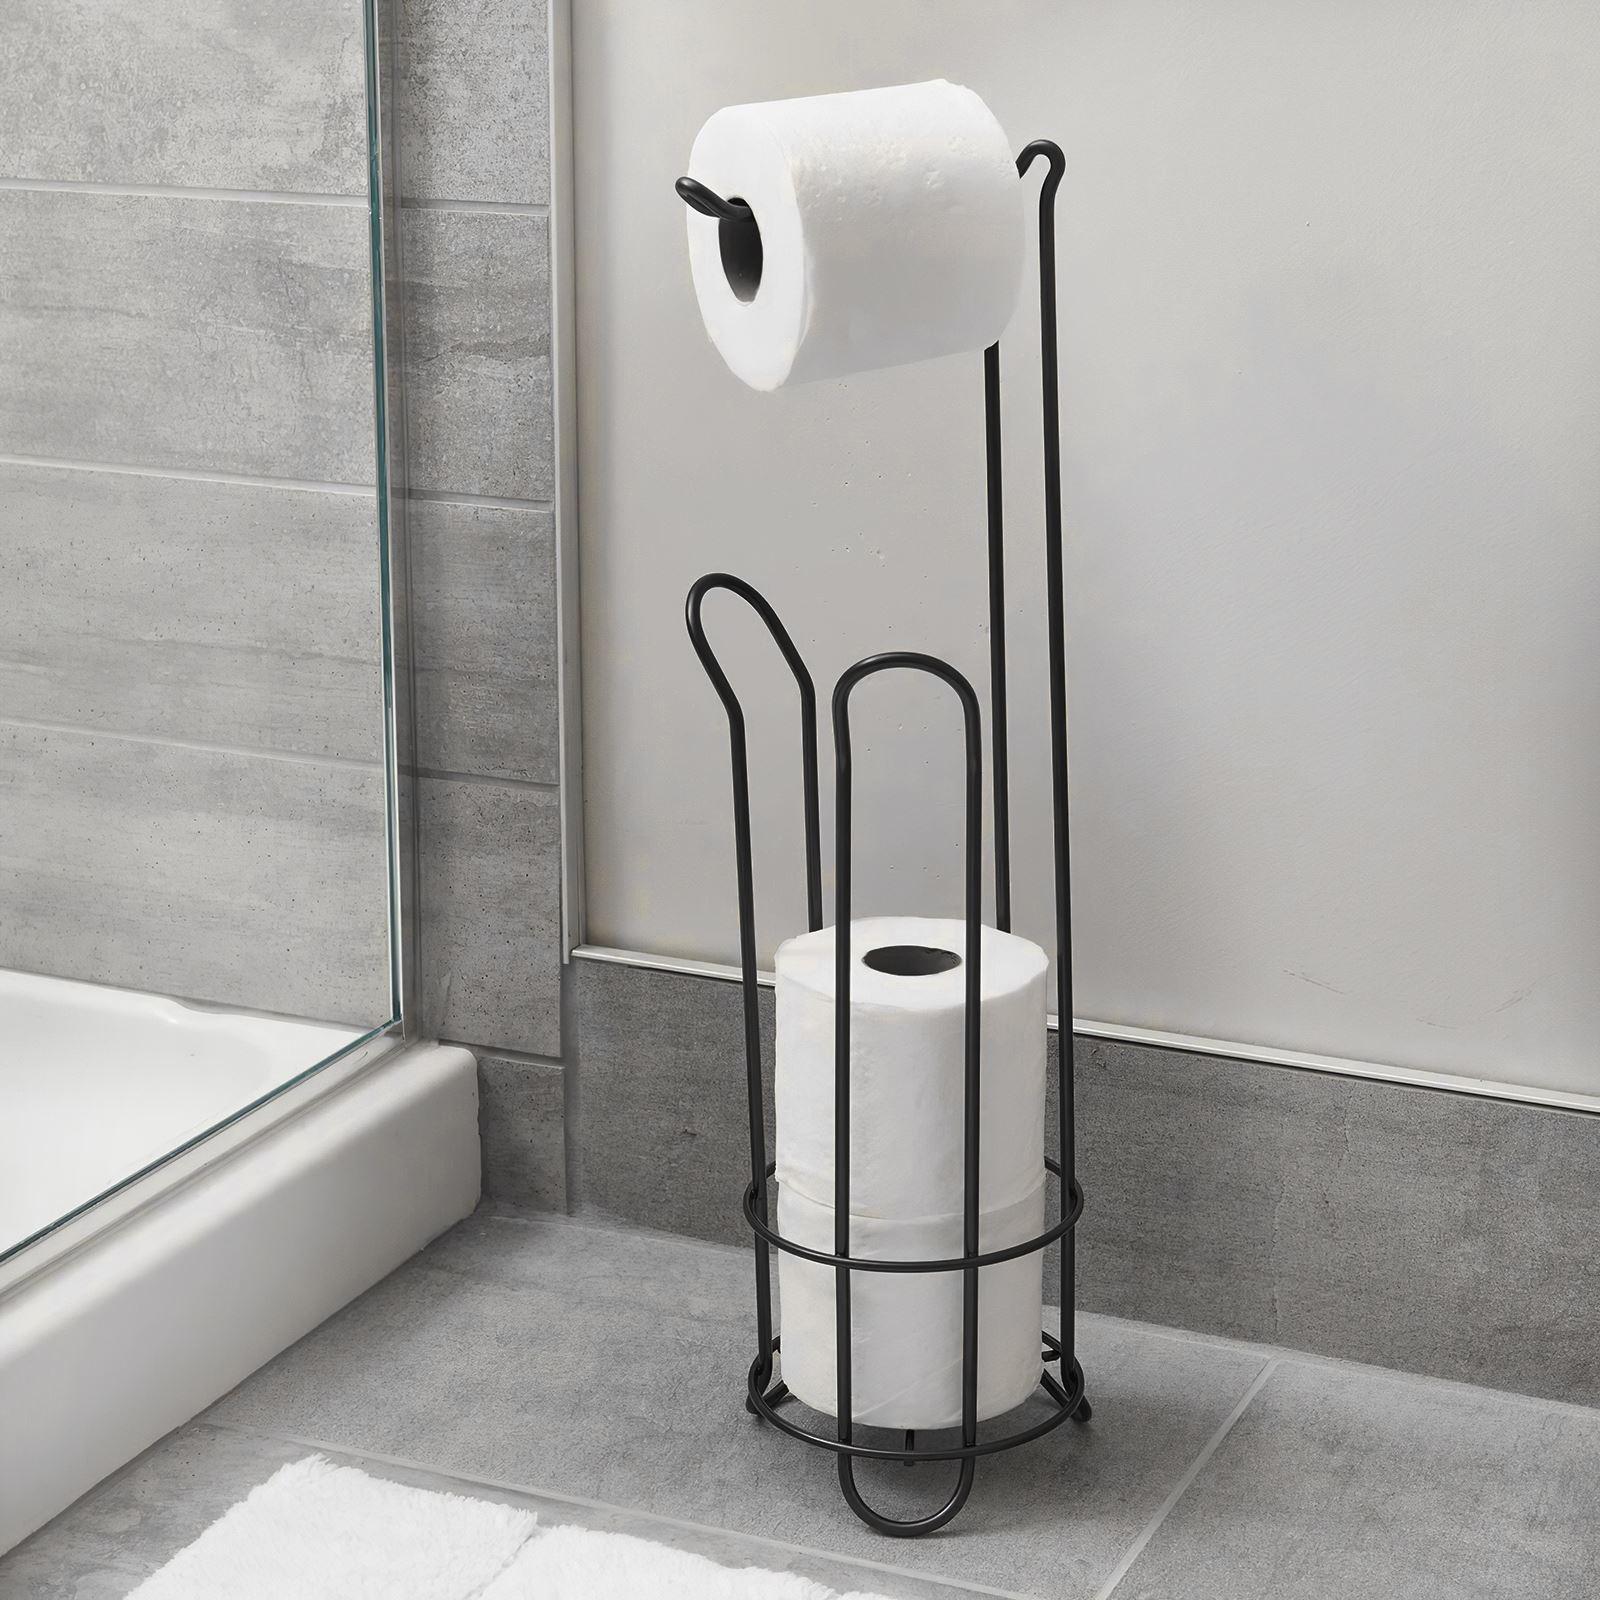 المحمولة المرحاض حامل كبير حامل ورق المرحاض بكرة مناديل رف الحمام تخزين الحاويات حمام اكسسوارات منظم مطبخ